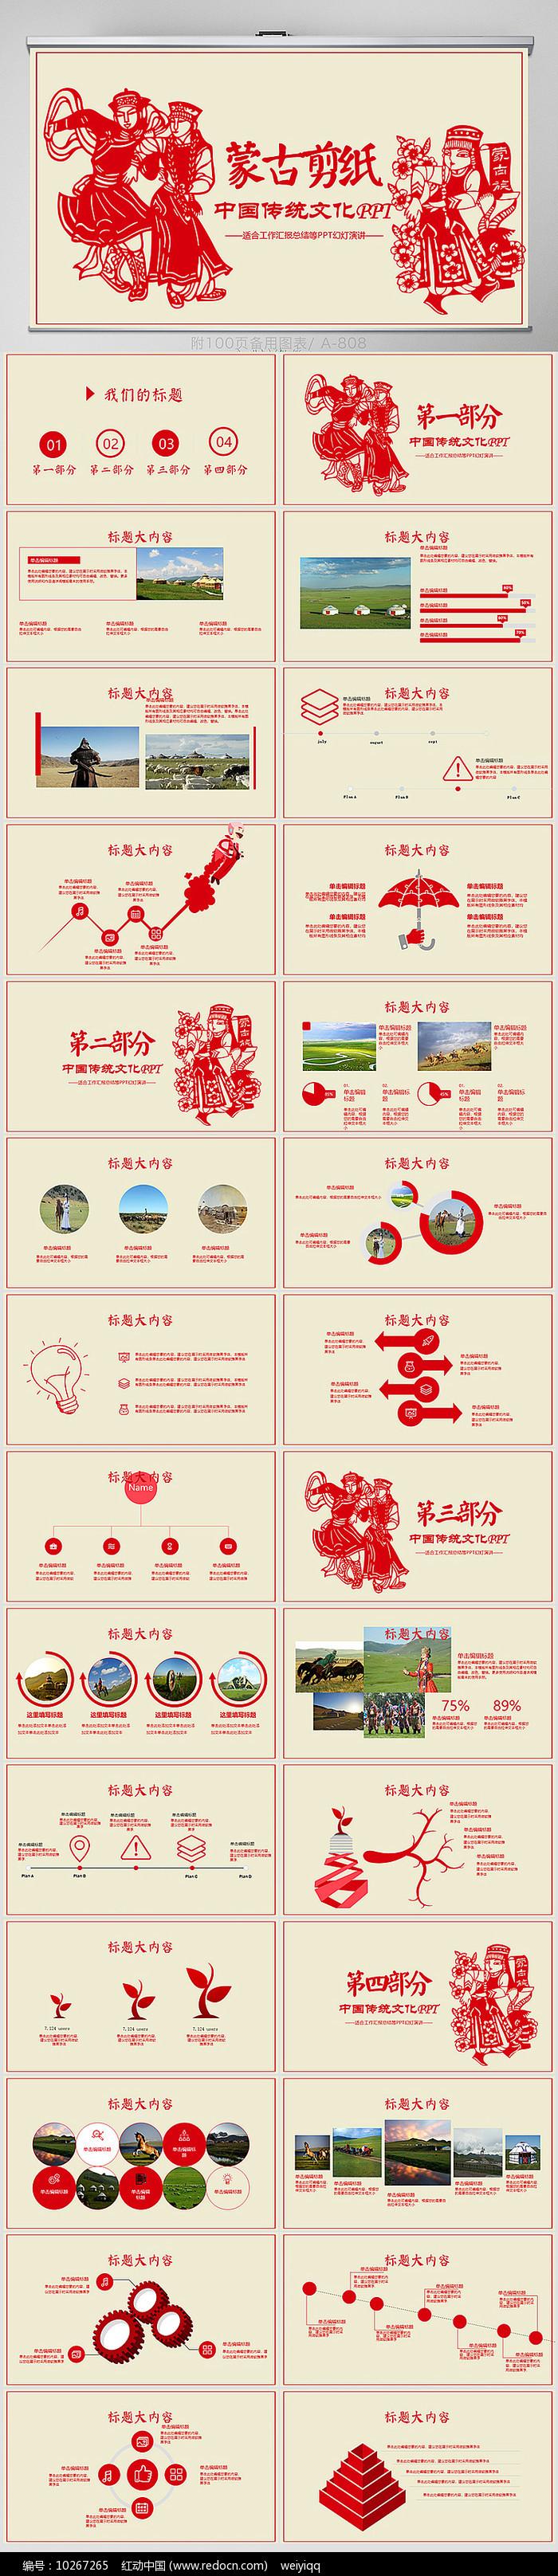 红色剪纸蒙古风情动态PPT图片